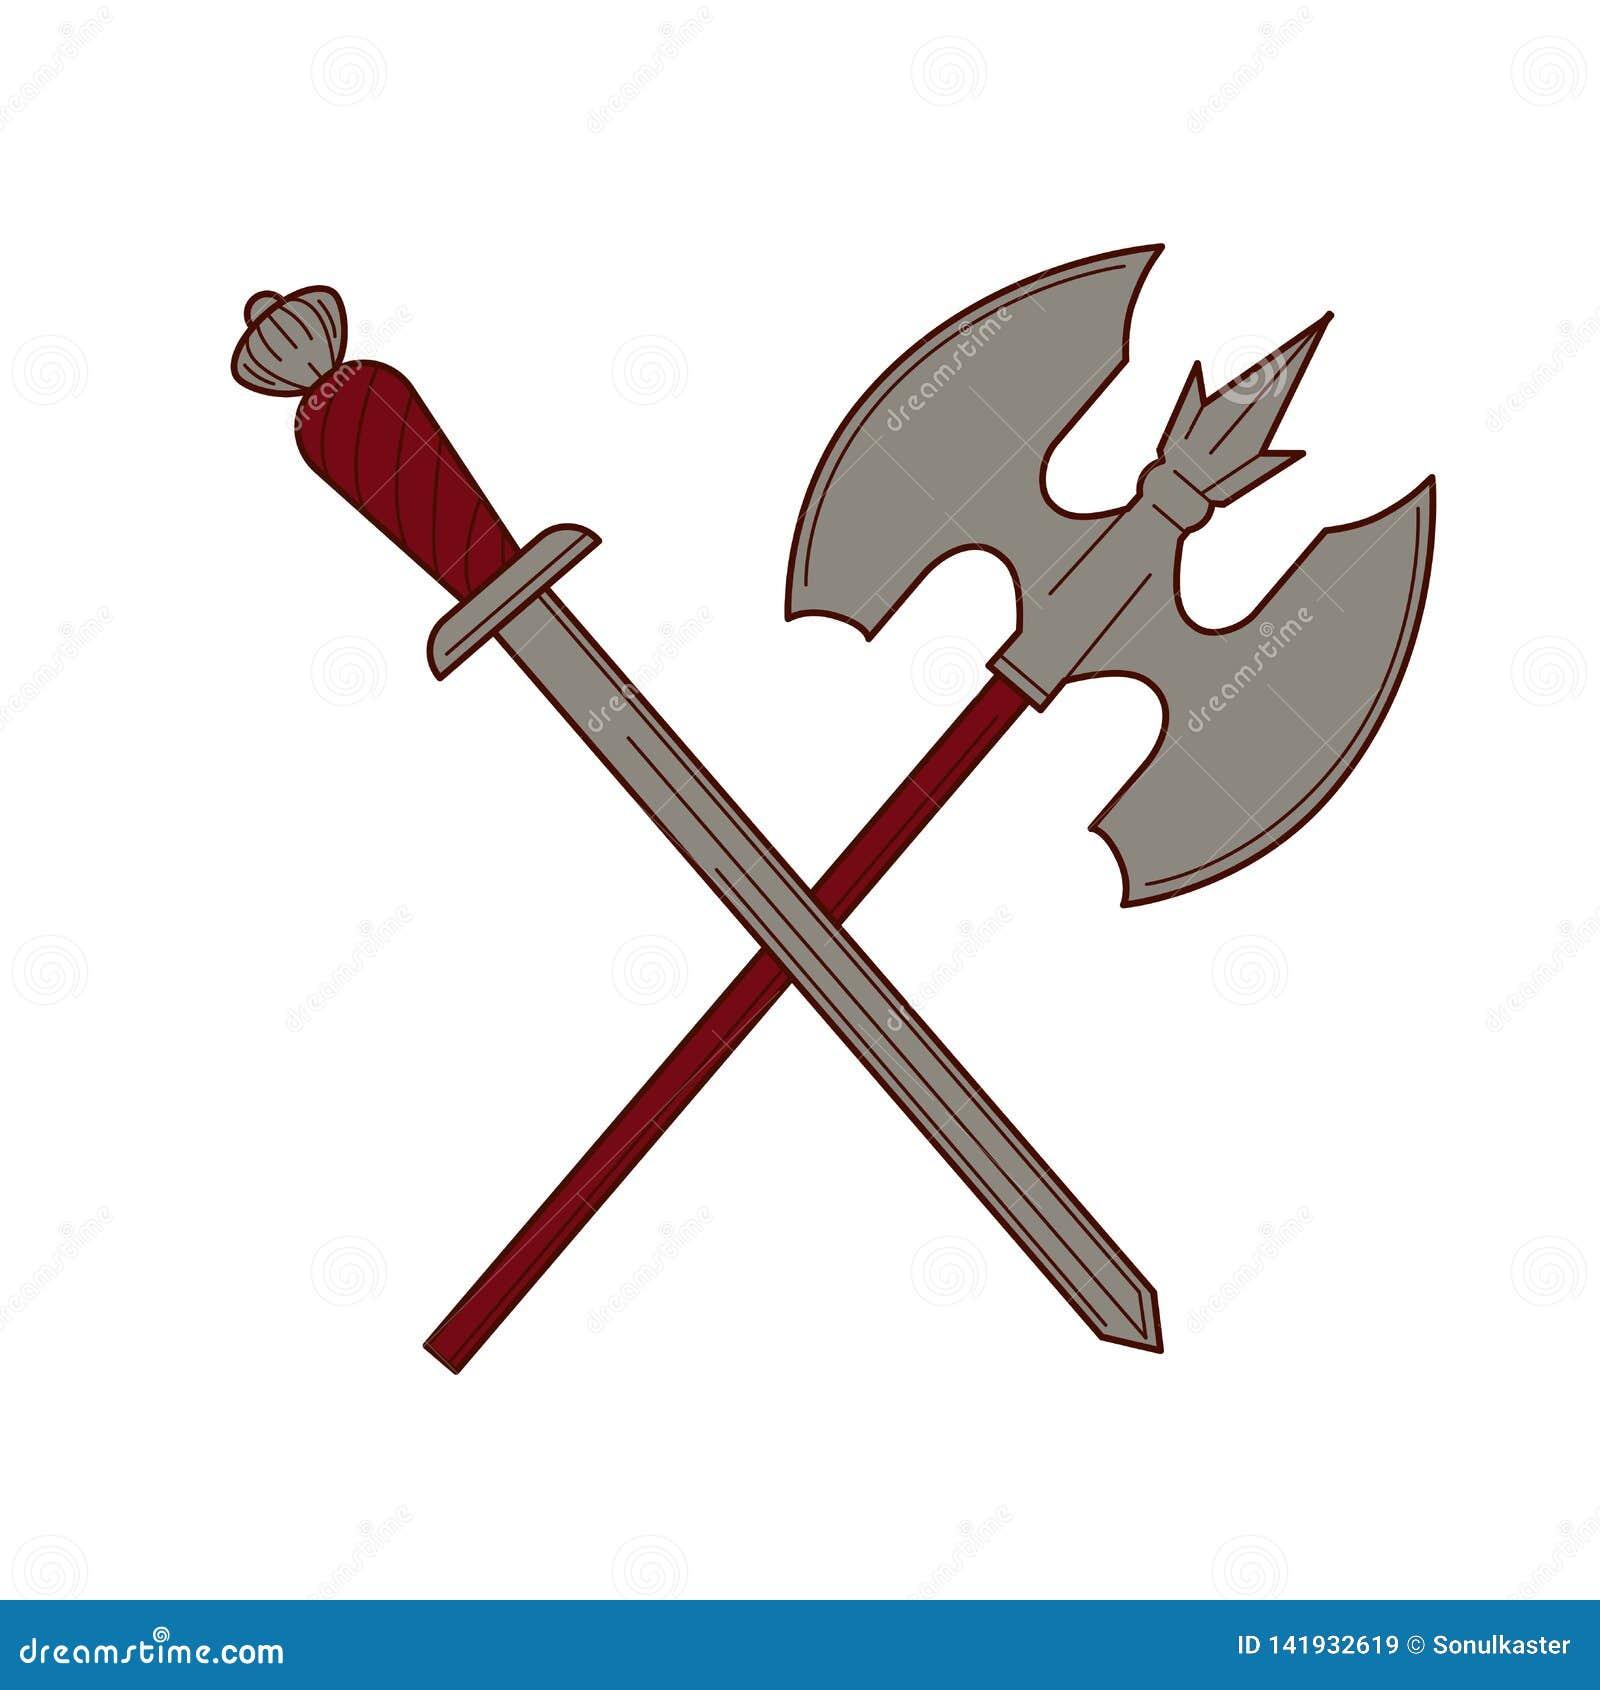 Ξίφος και απομονωμένος τσεκούρι εξοπλισμός στρατού βασιλιάδων όπλων ιπποτών